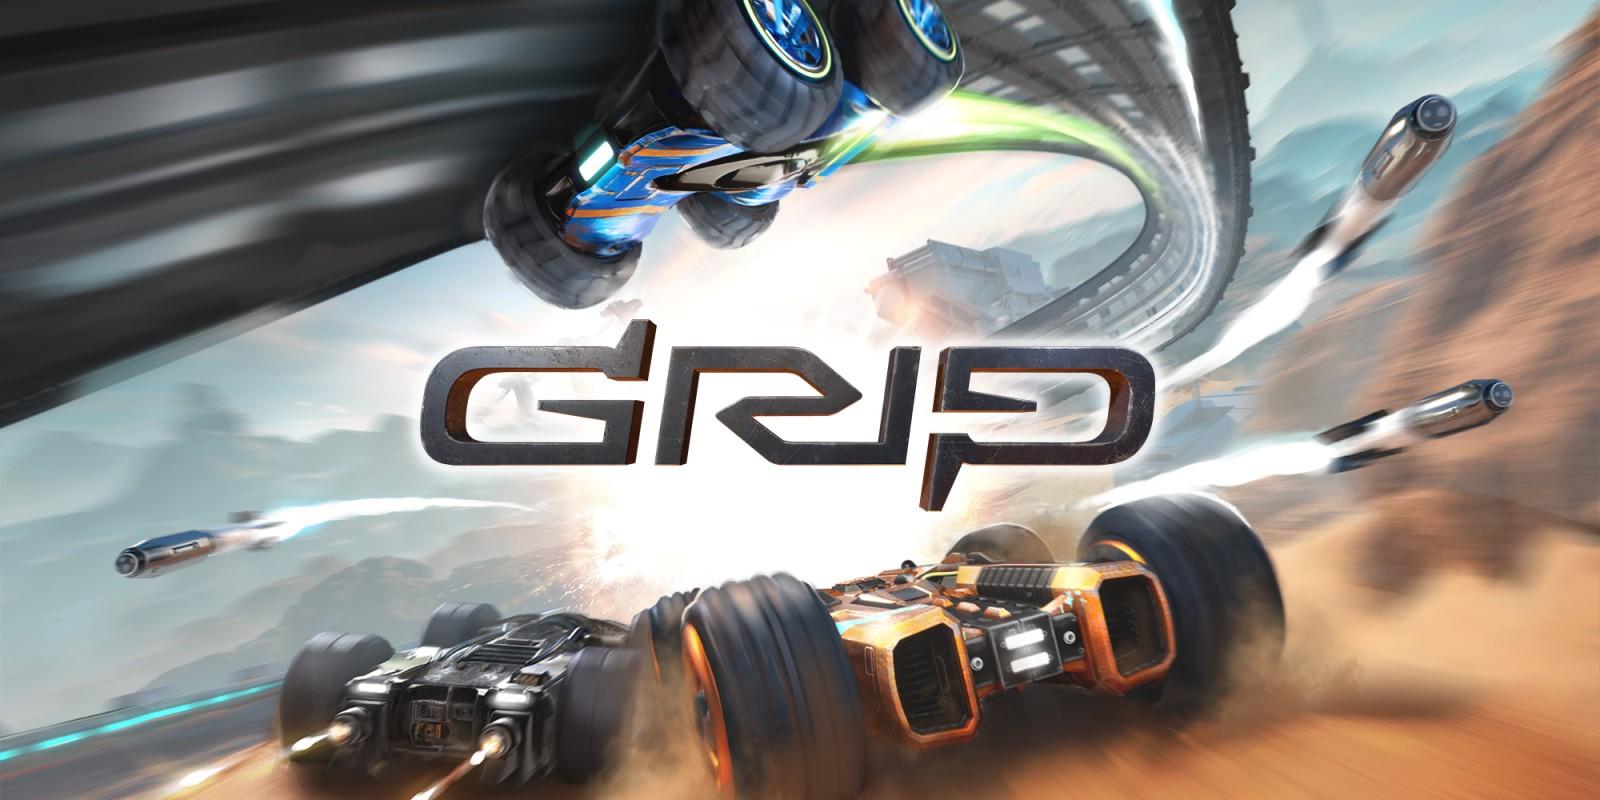 Juego digital Grip Nintendo Swicth